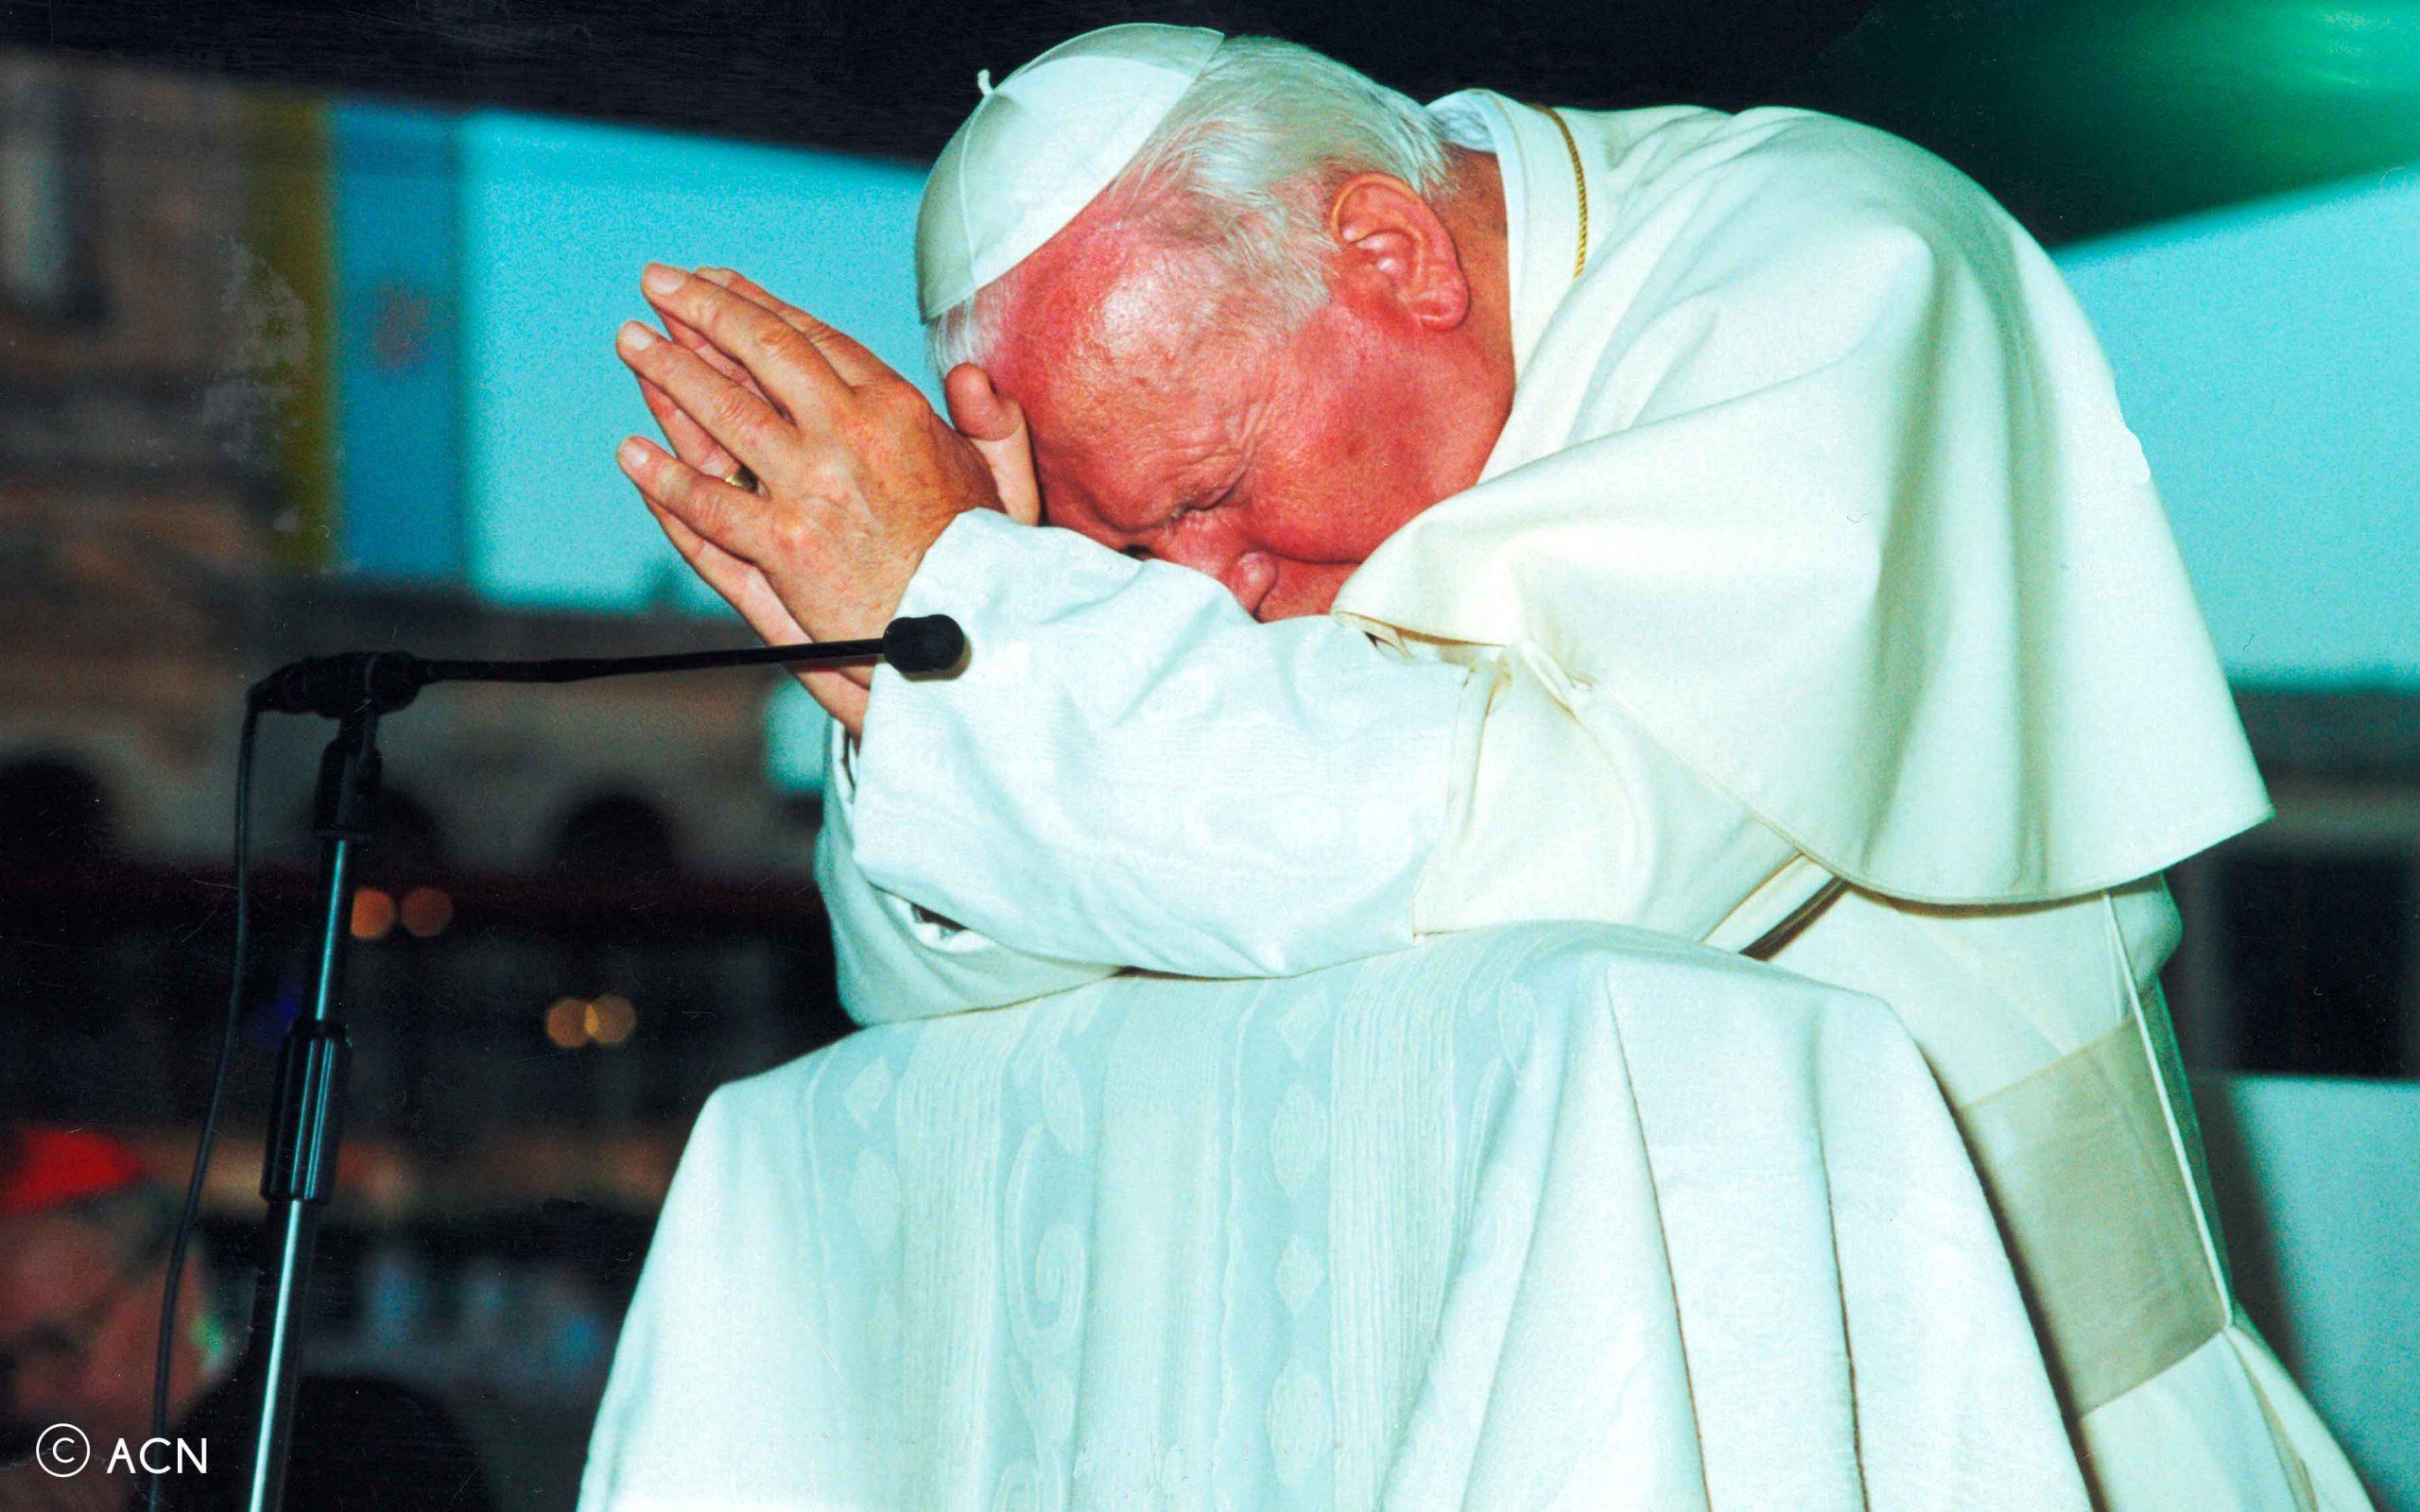 ACN - Notícias - Centenário do nascimento de São João Paulo II